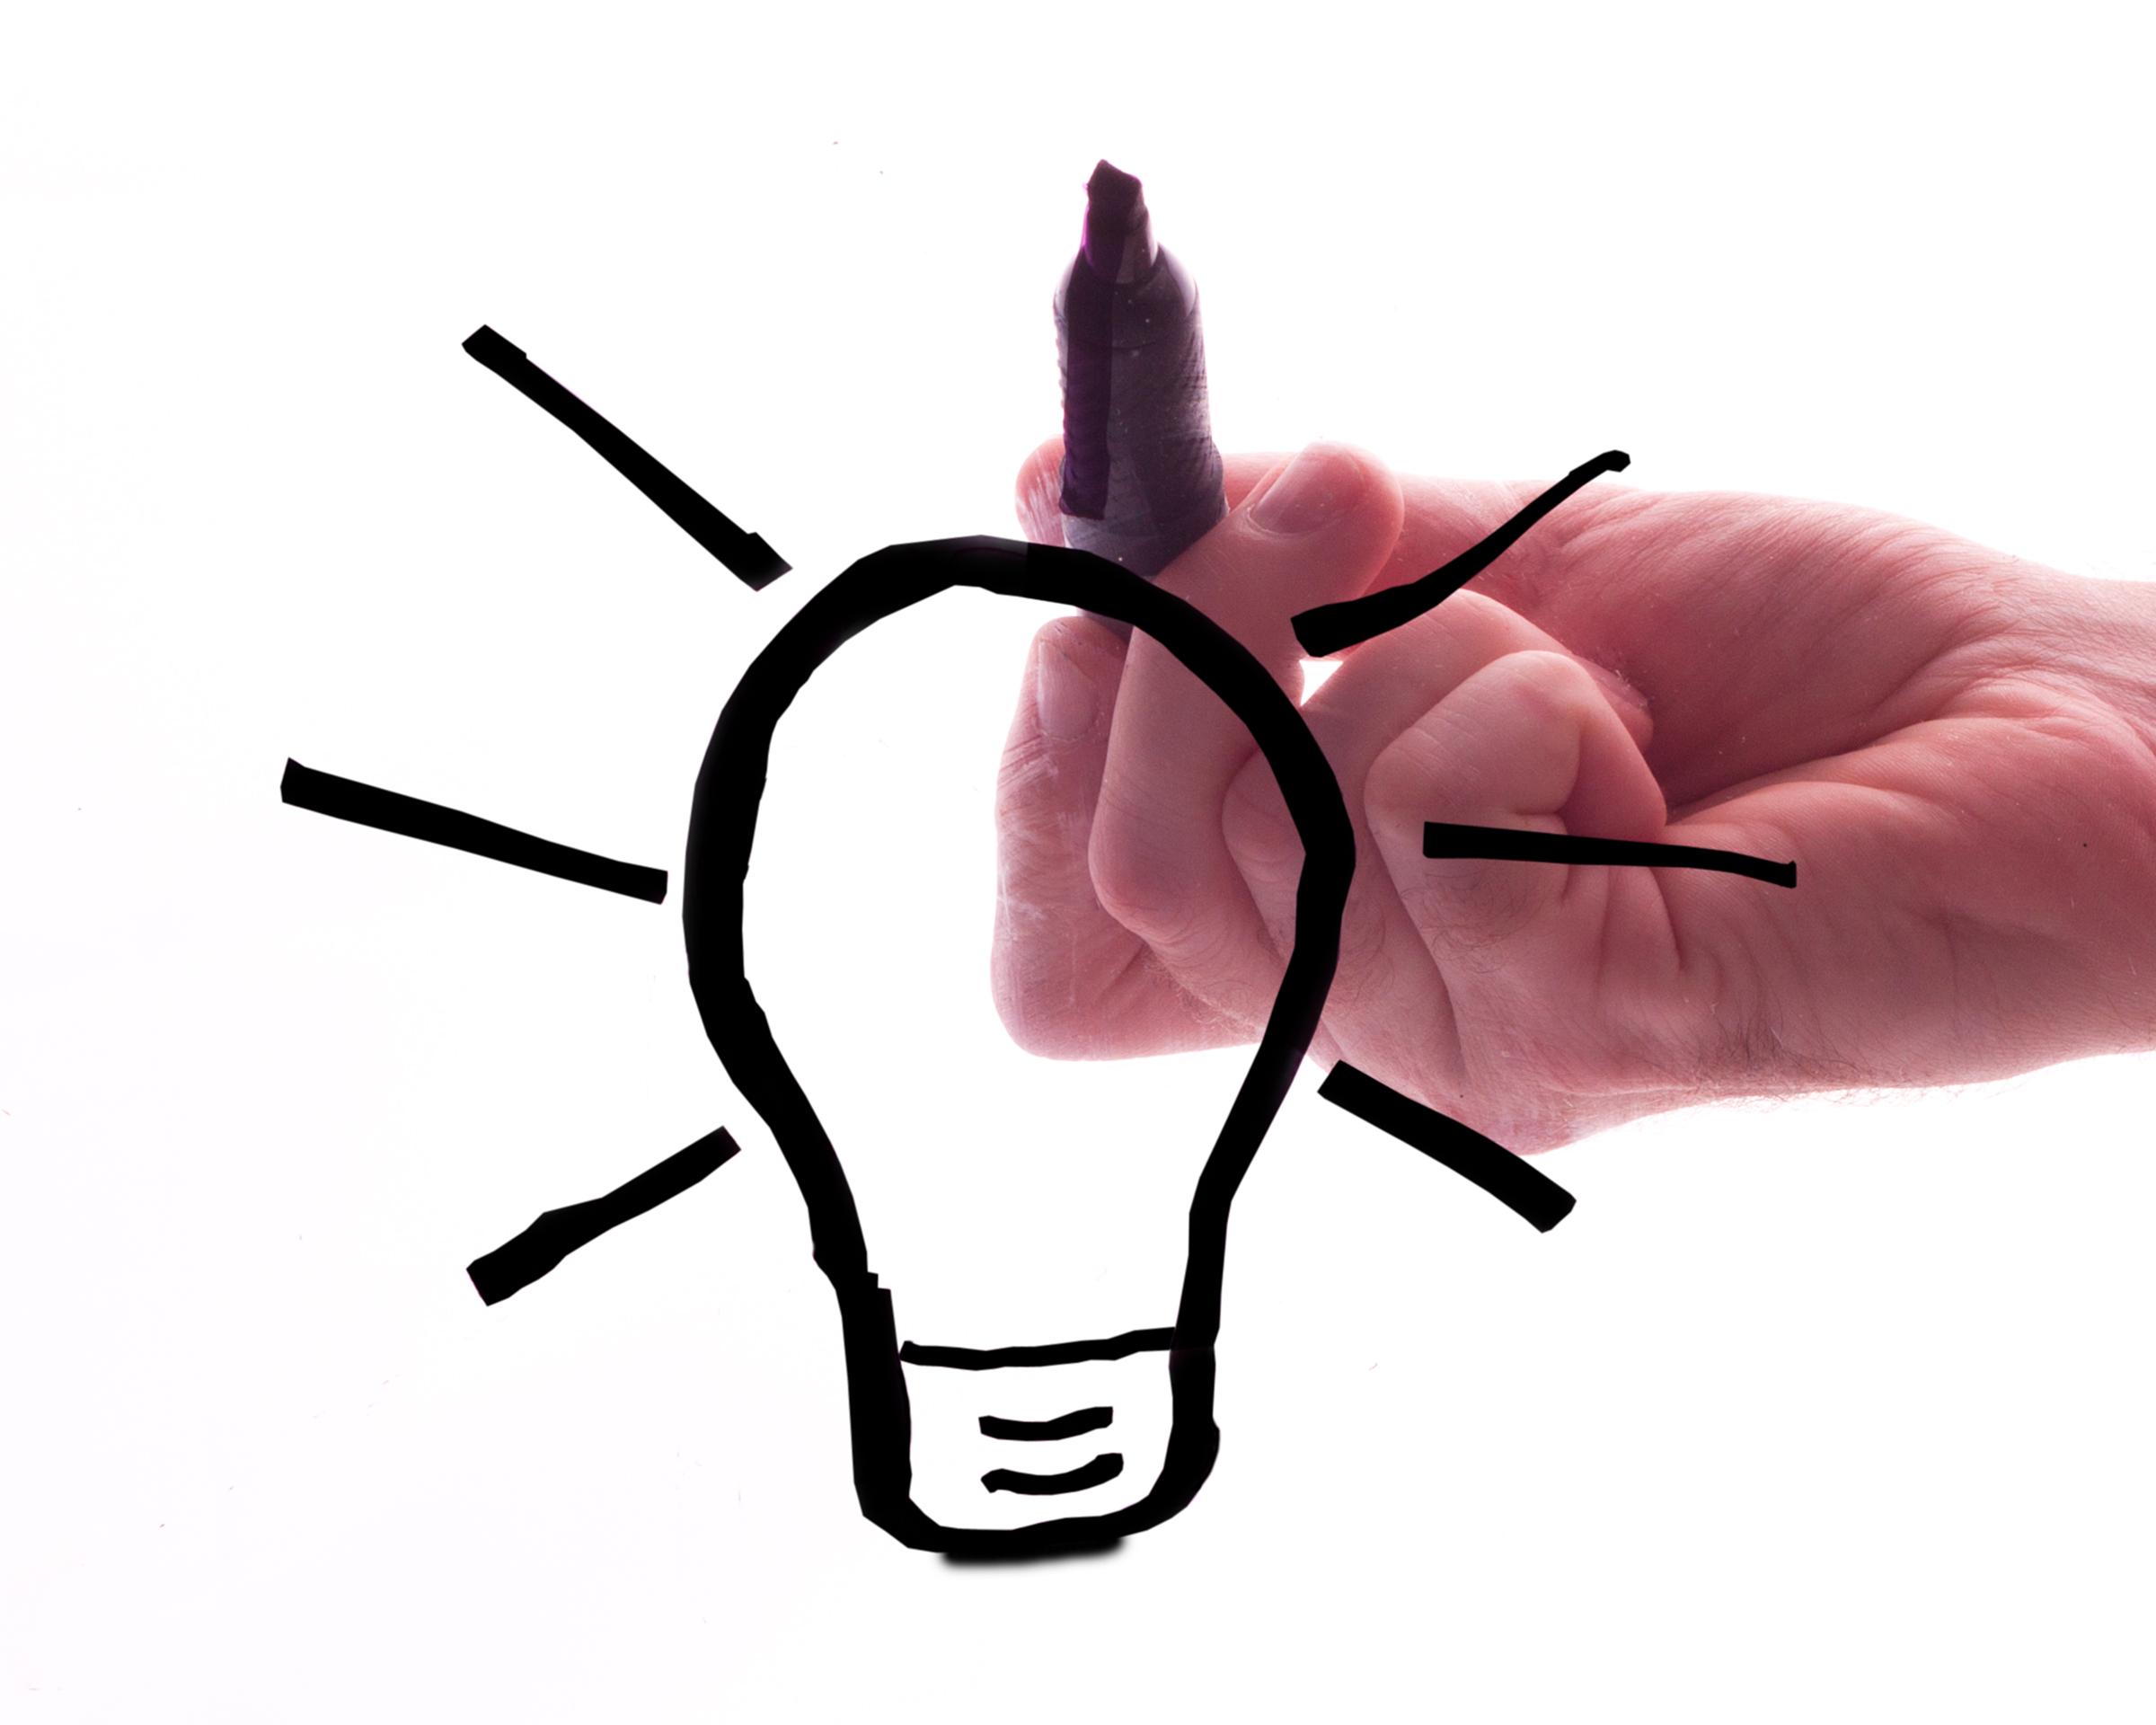 Innovación abierta e intraemprendimiento, dos conceptos disruptivos (repost)